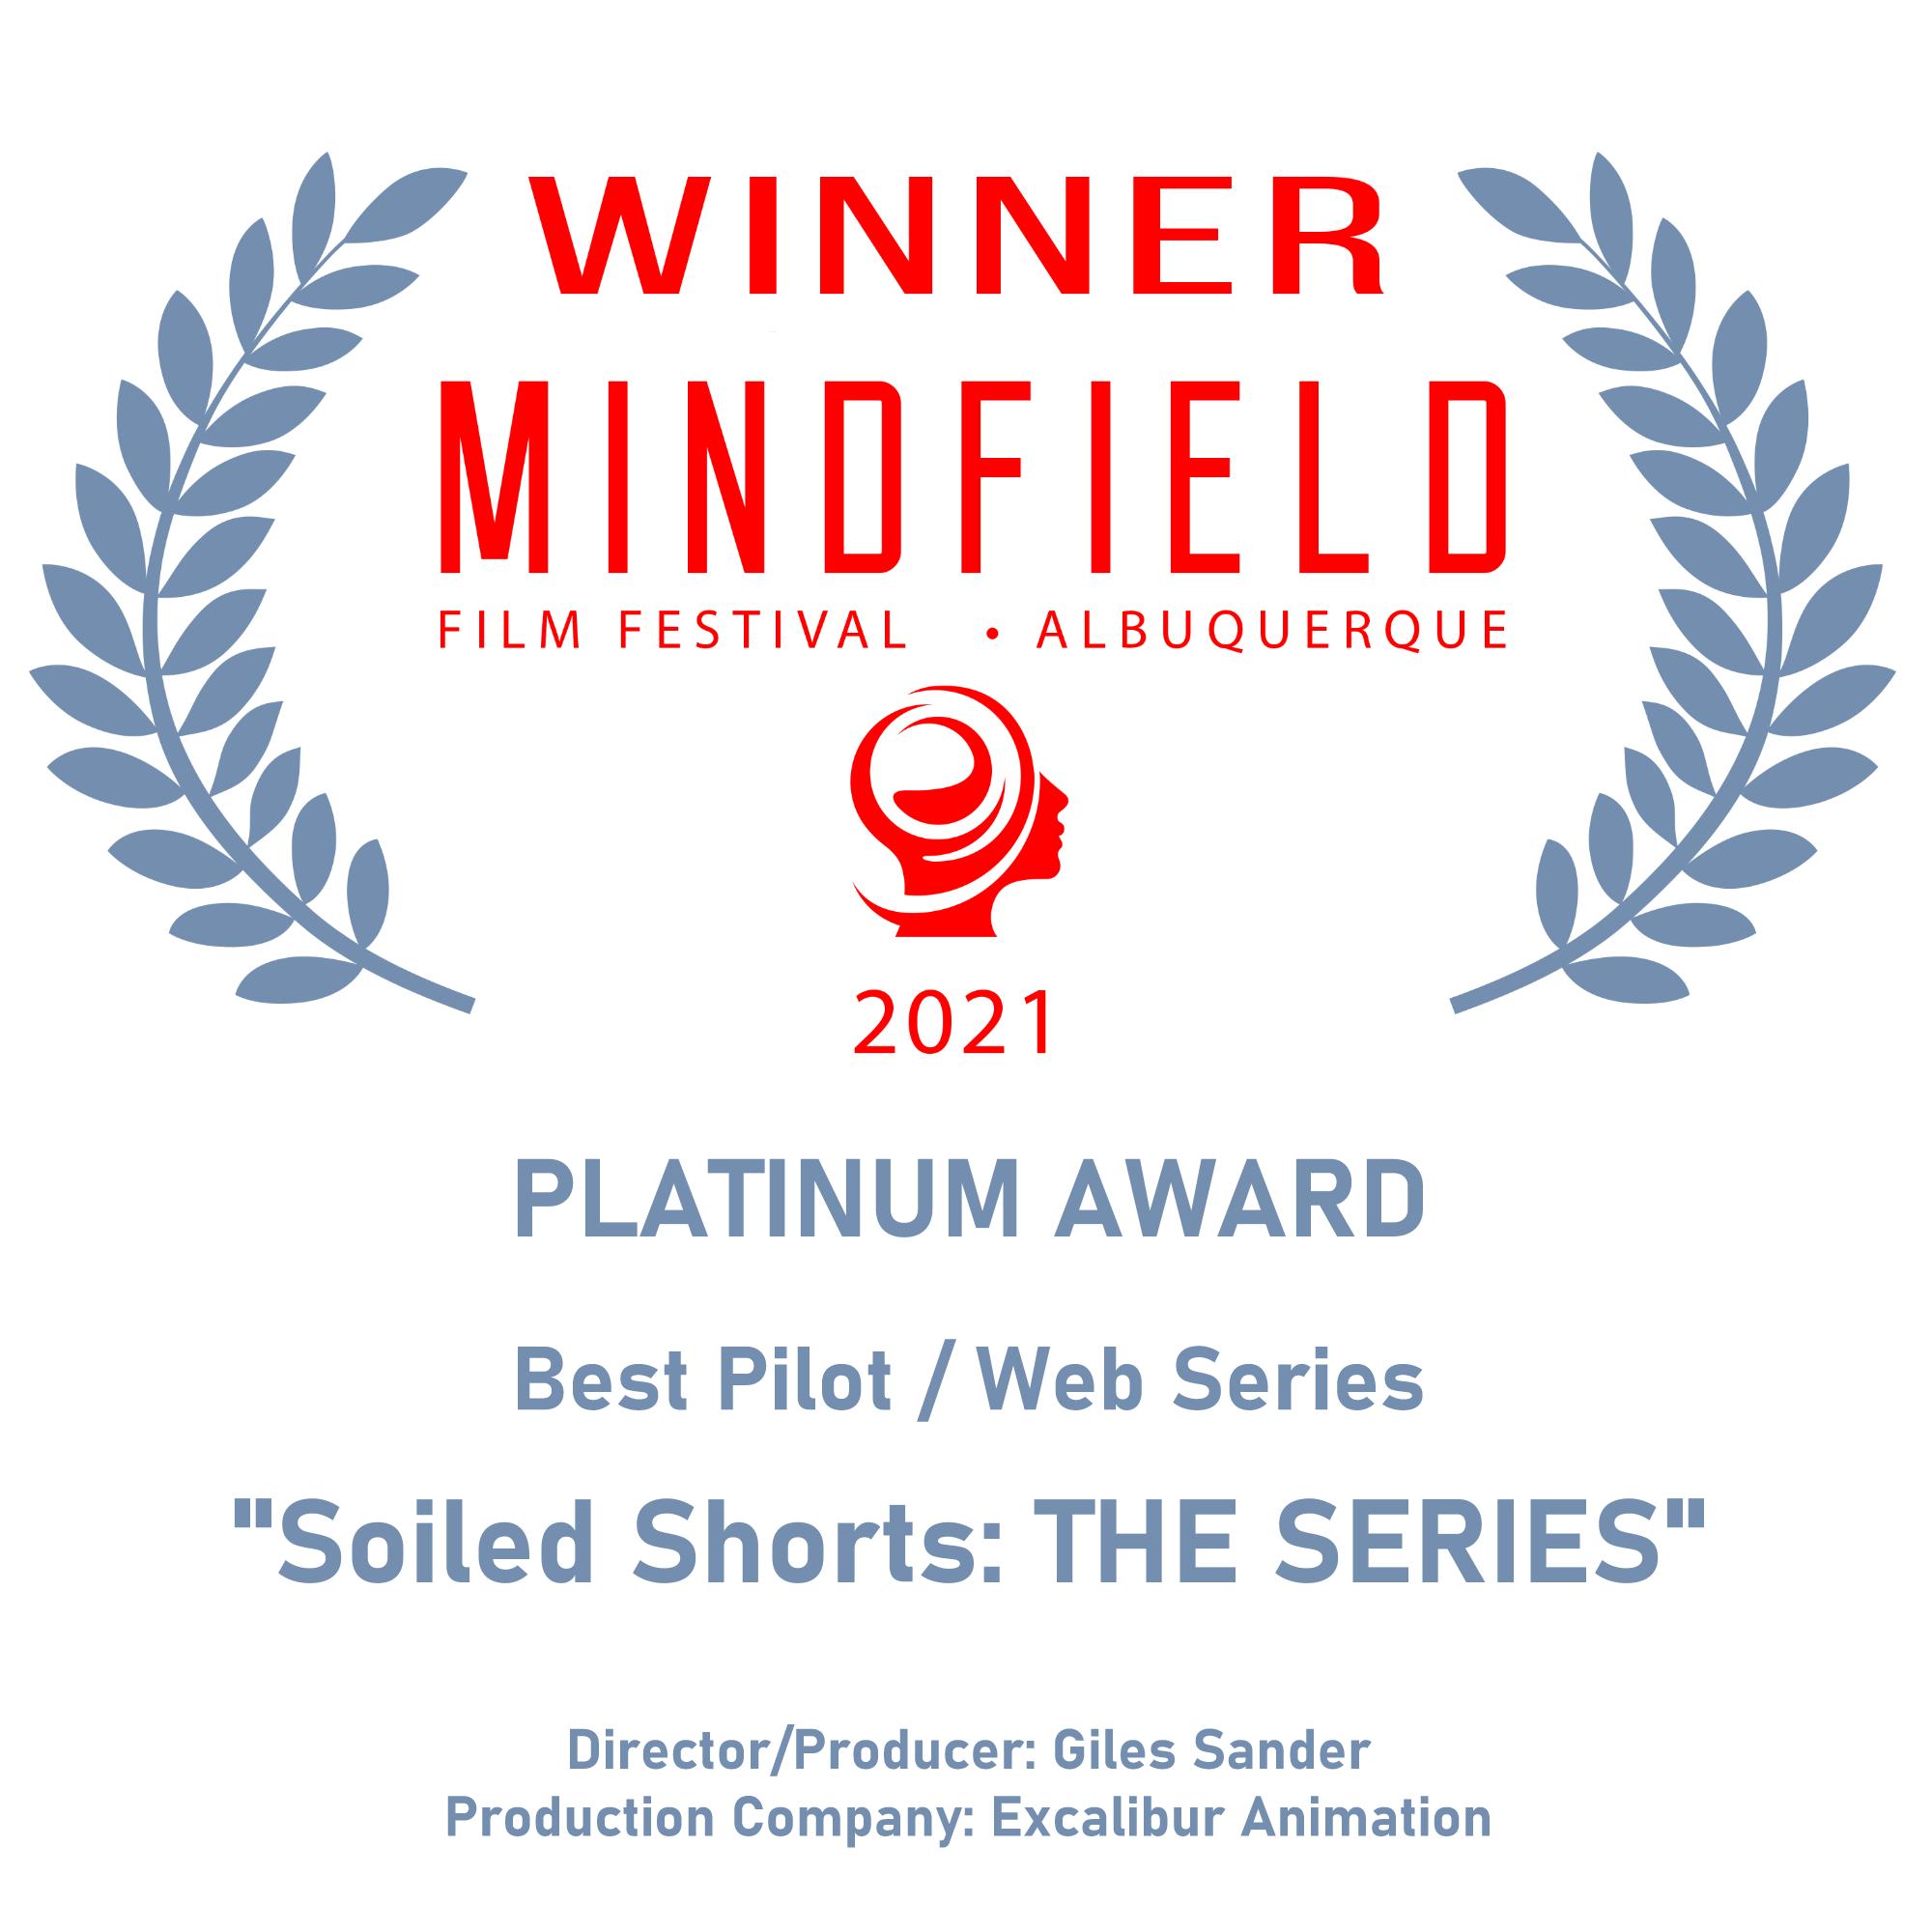 Winner - Platinum Award for Best Pilot/Web Series - Mindfield Film Festival 2021